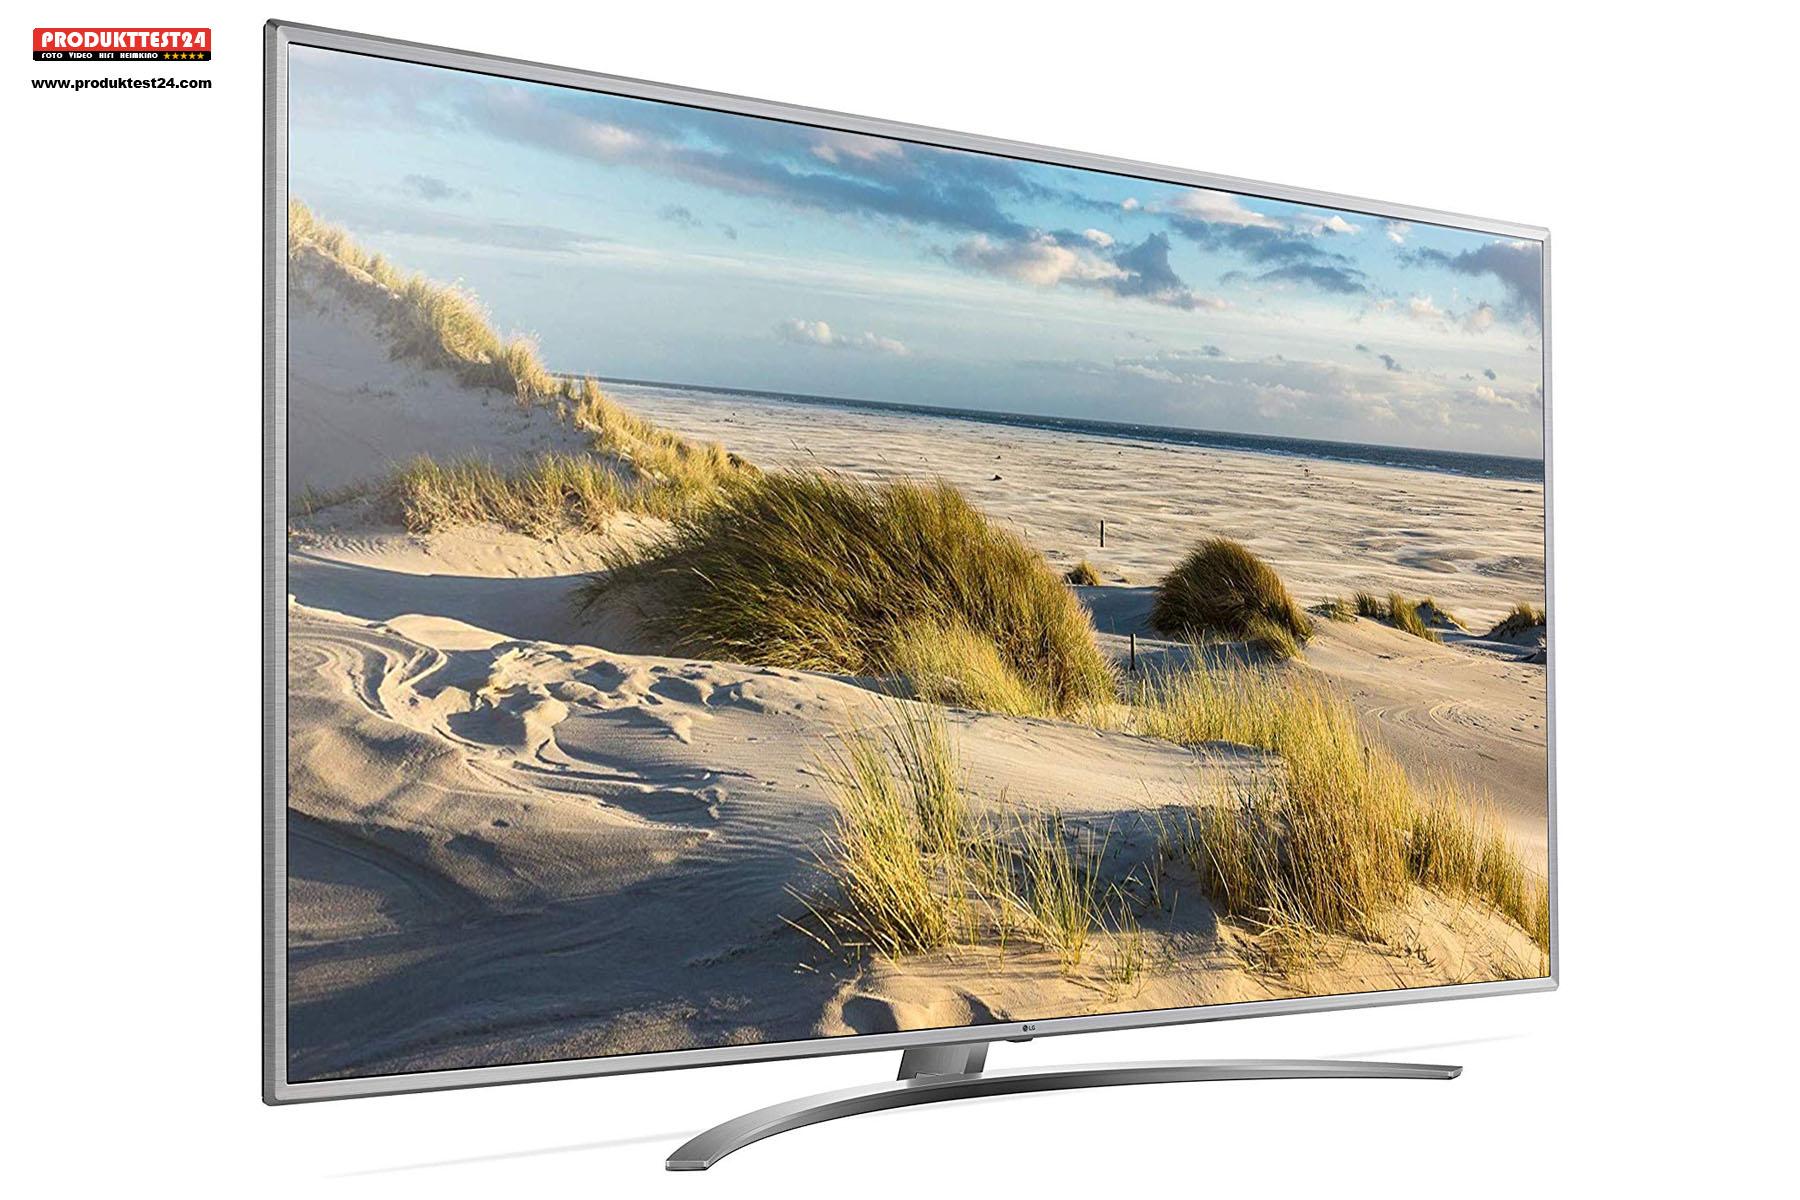 Der LG Großbildfernseher mit einer Bilddiagonale von 217 cm